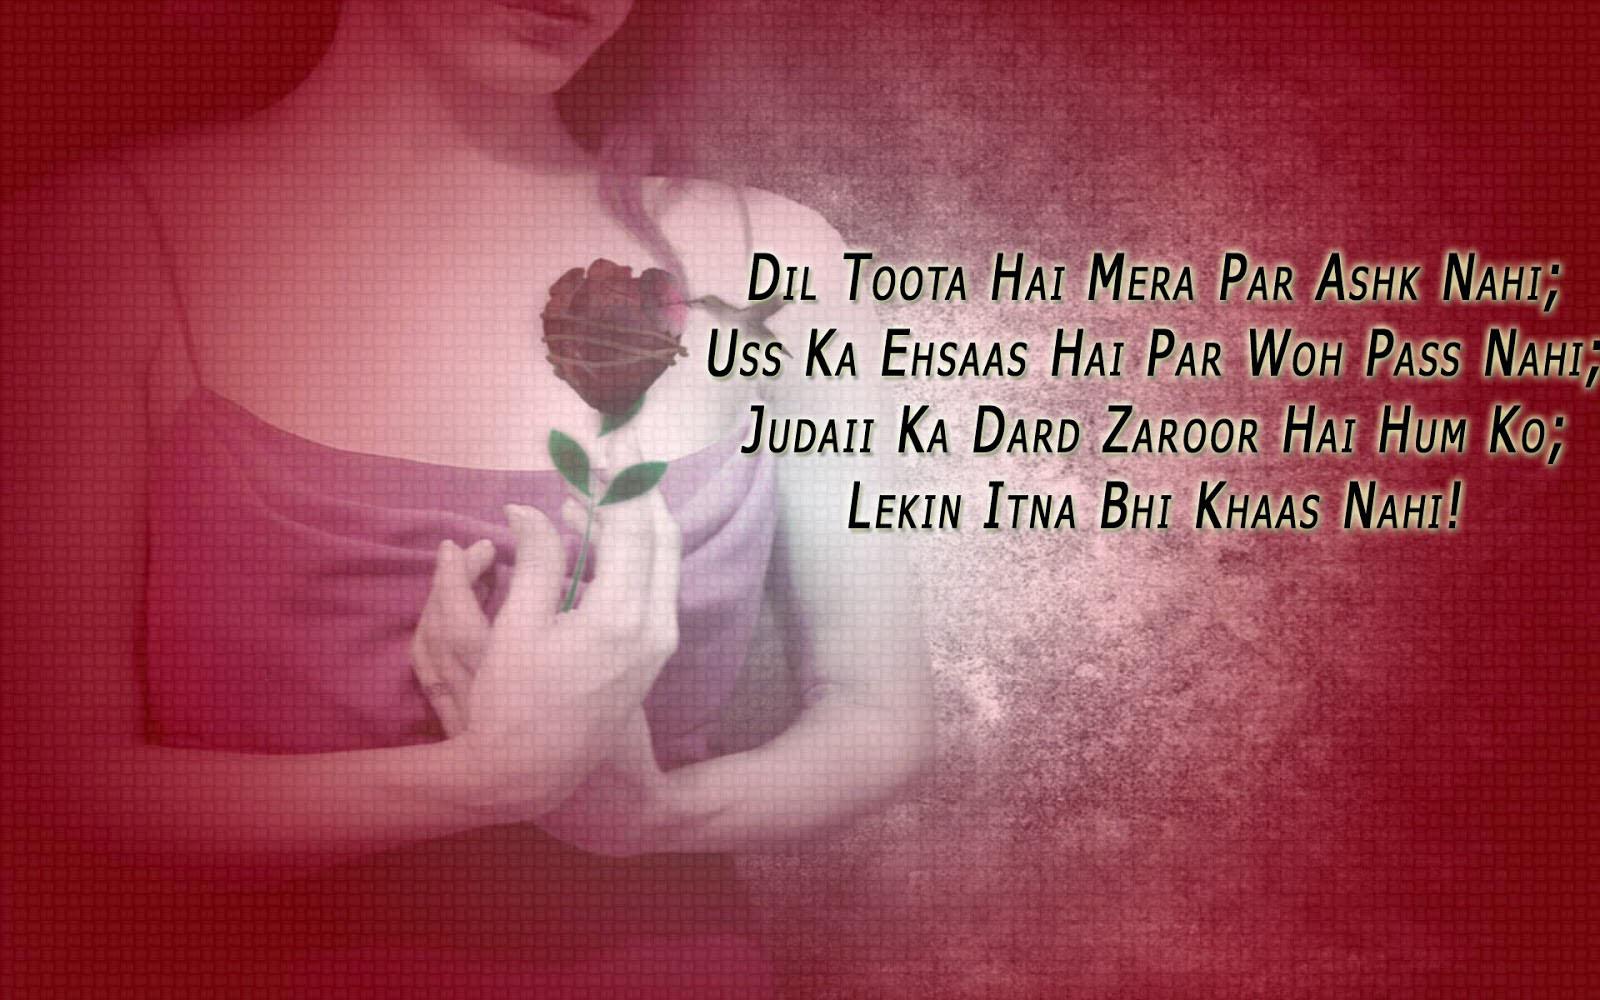 Wallpaper download dil - Wallpaper Download English Download Beautiful Ishq Shayari Hd Images Is Available Under Hindi Shayari Desktop